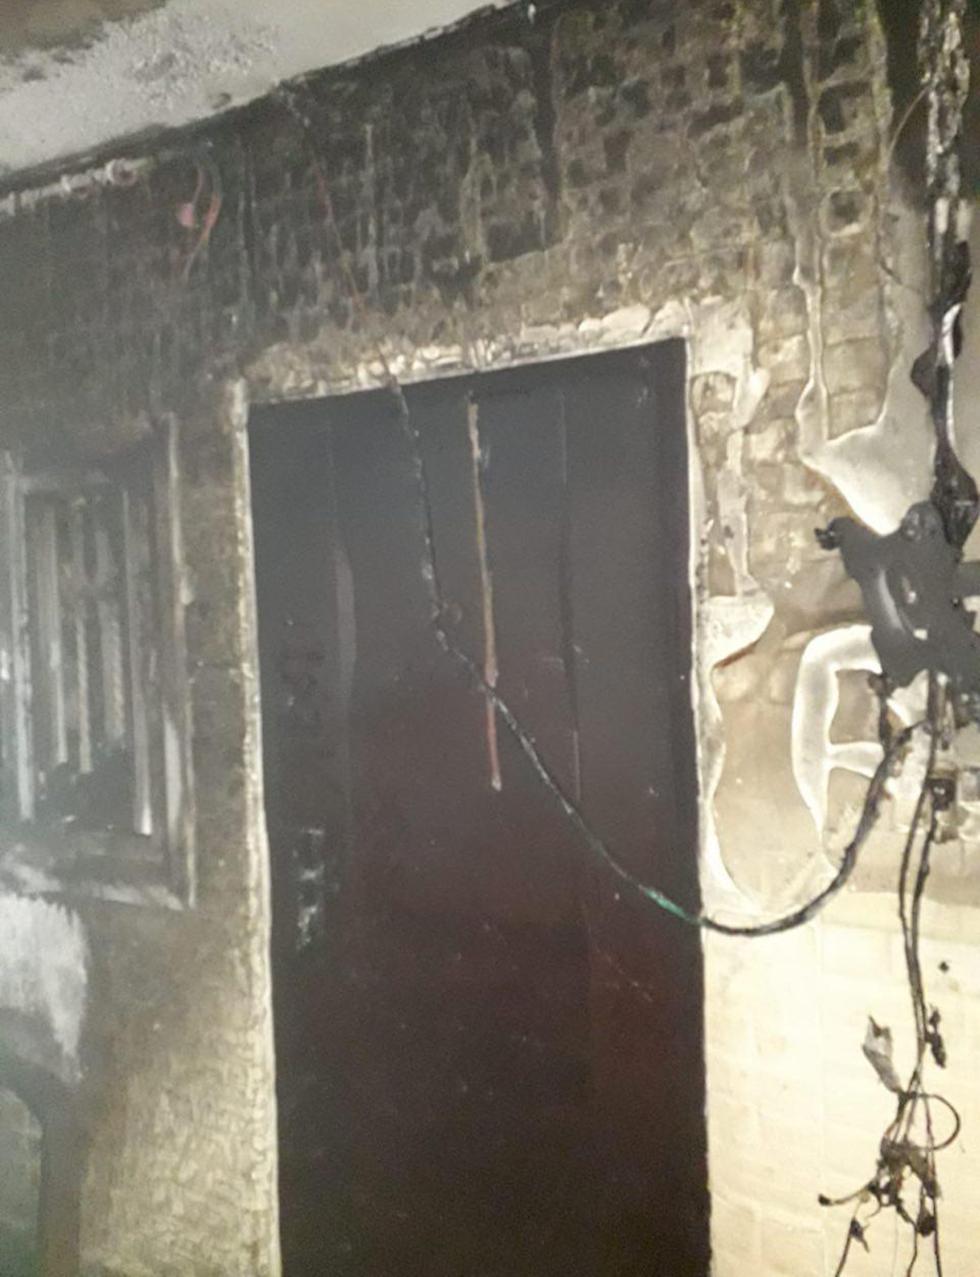 שריפה הצתה שכונה שועפט צפון ירושלים (צילום: כבאות והצלה)